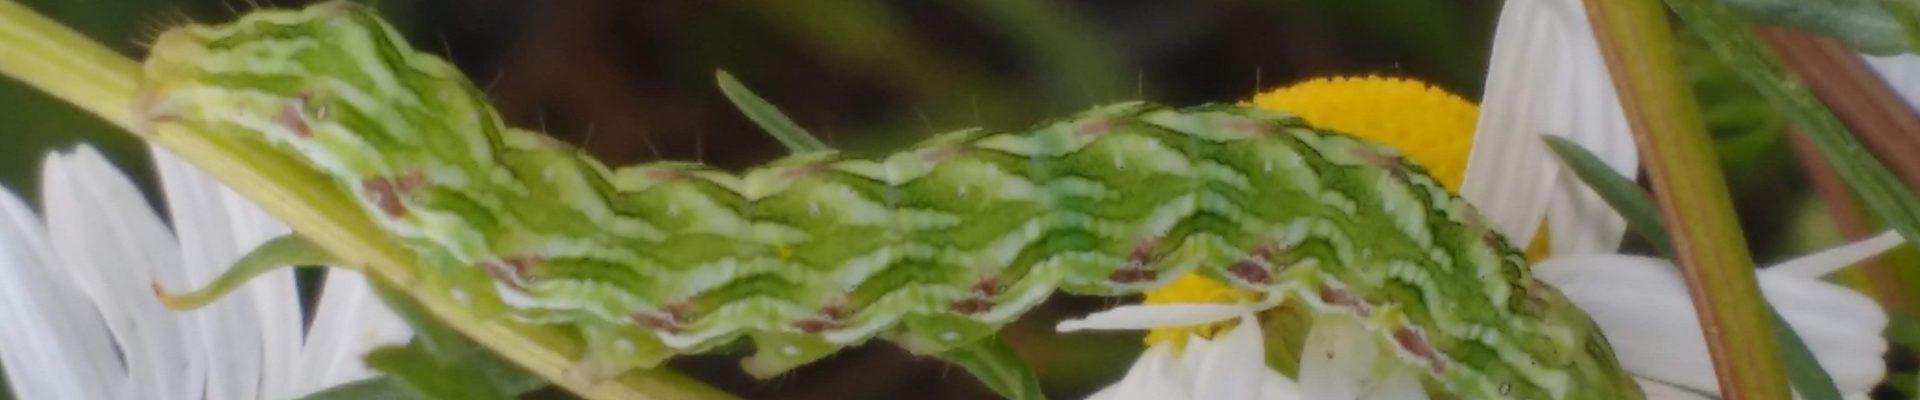 Rups van de Kamillevlinder